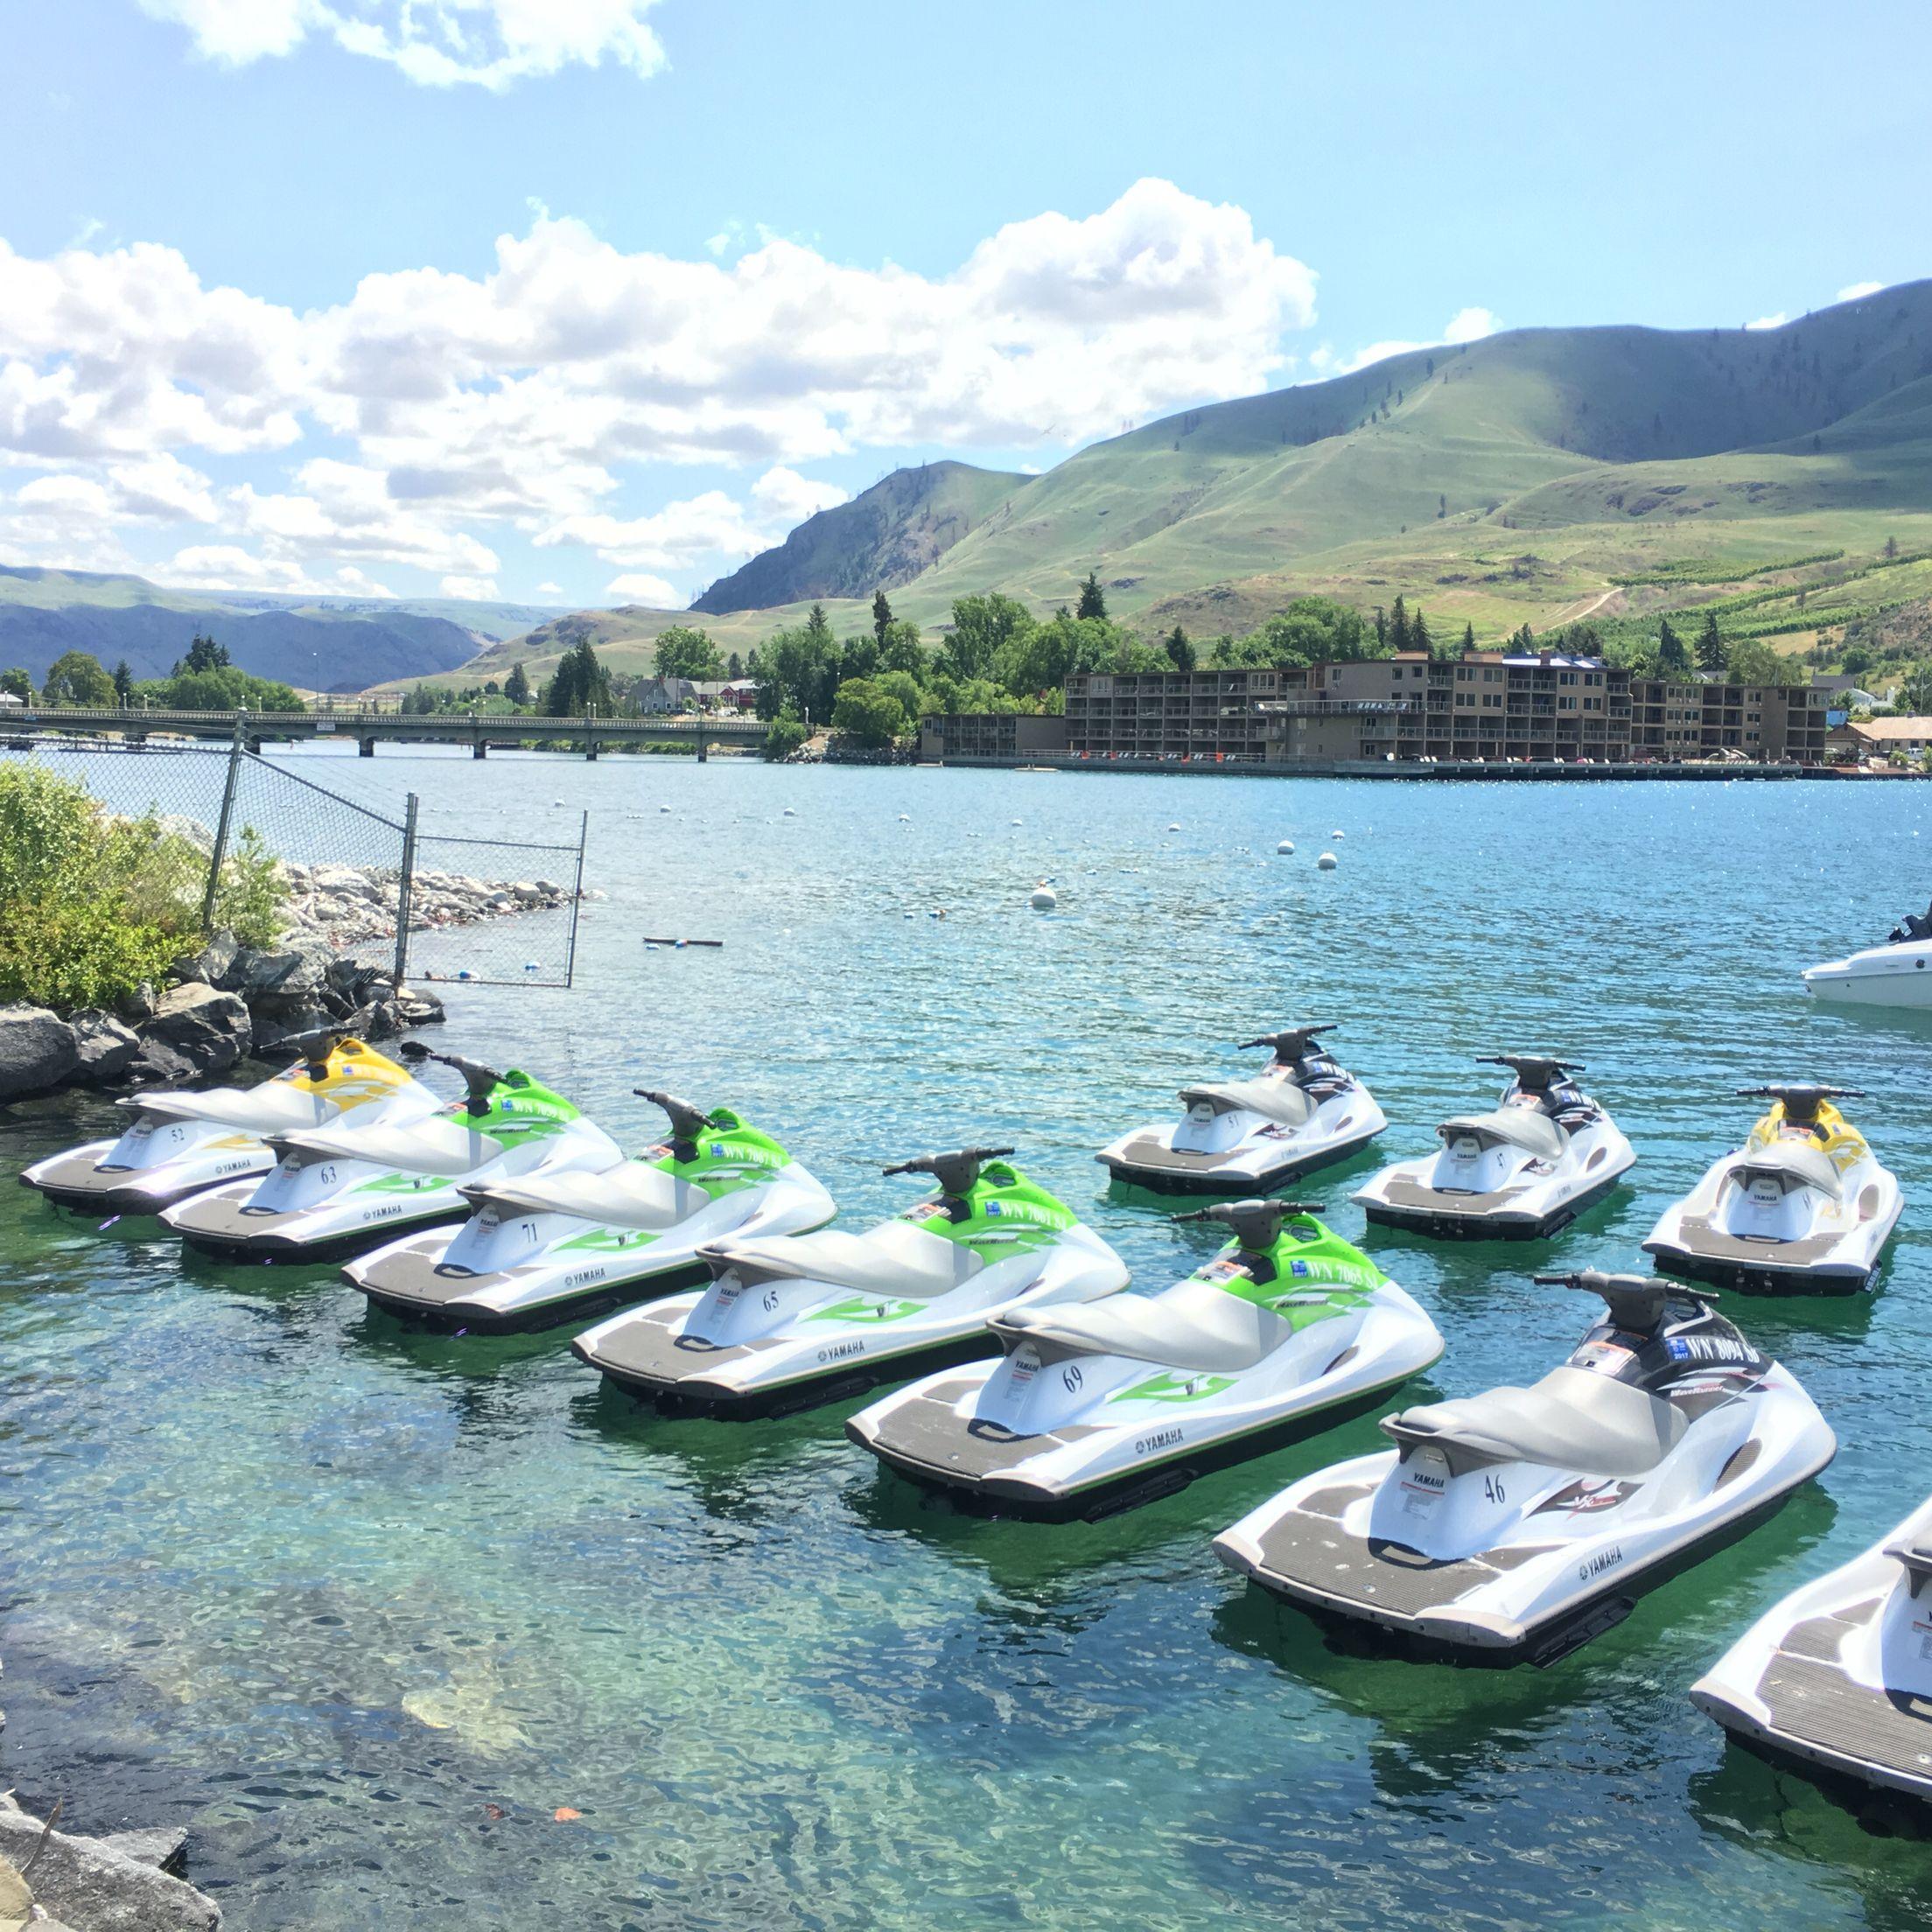 Jet ski time on lake chelan at shoreline watercraft boat